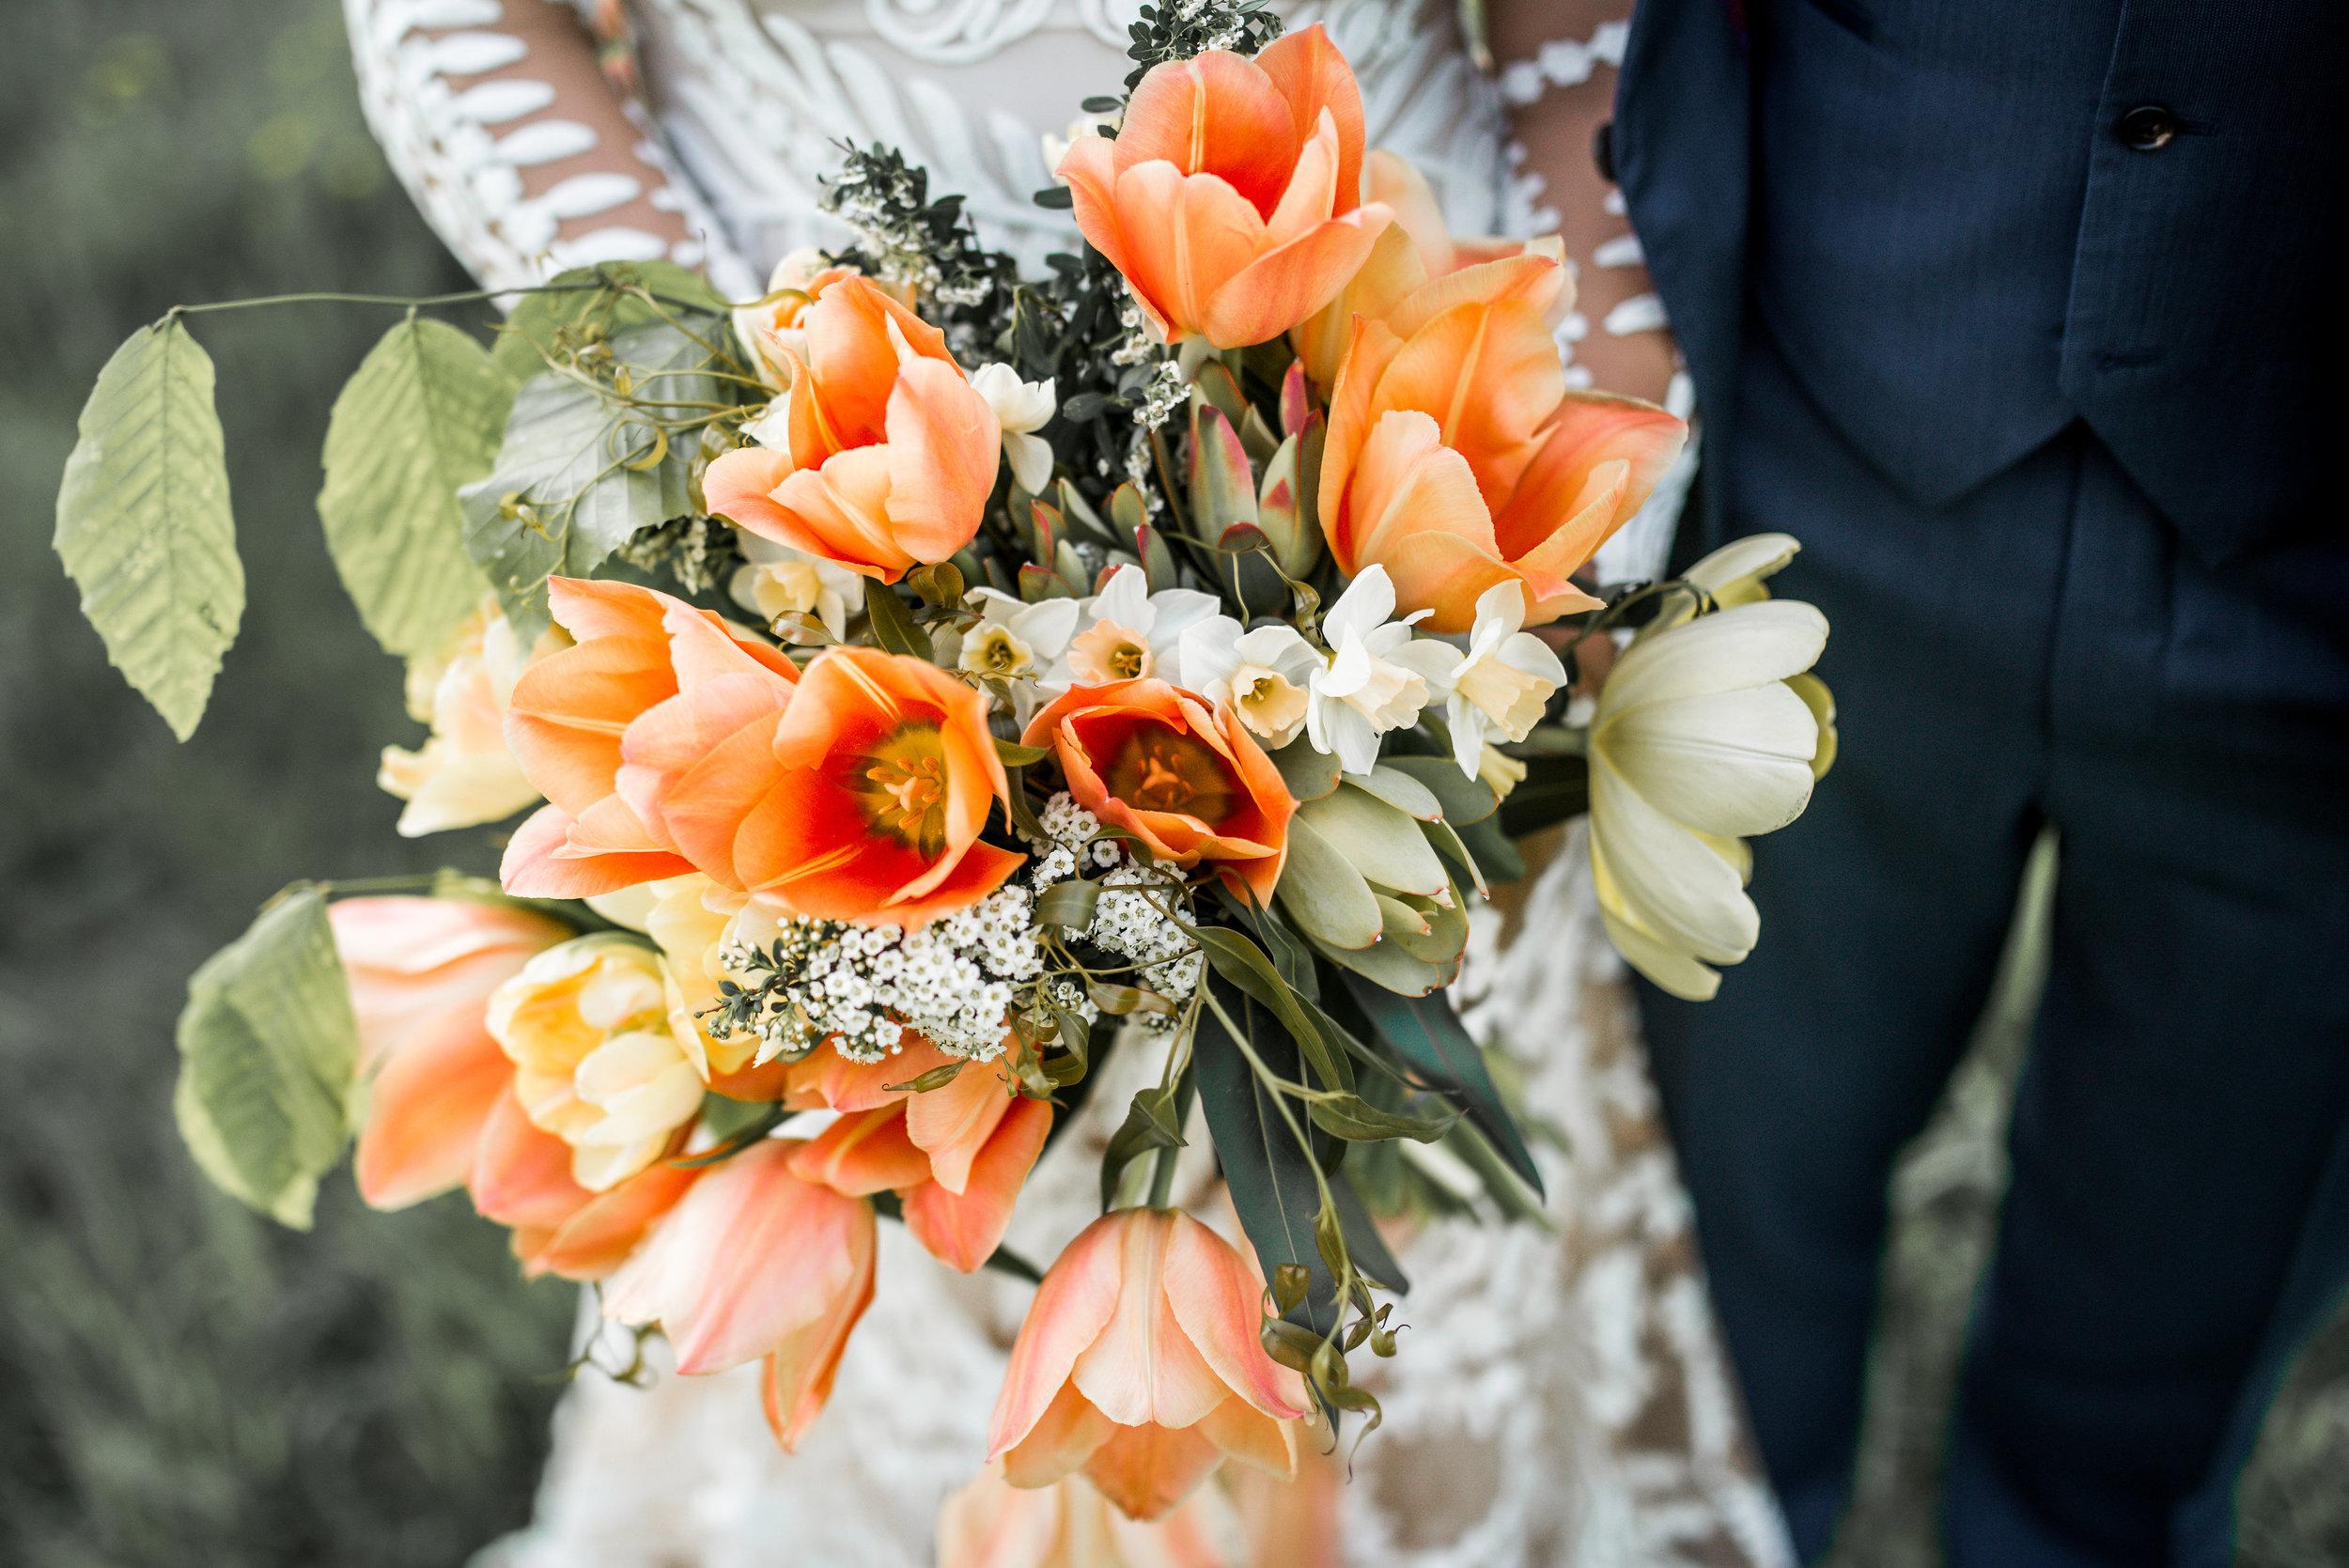 LUVLENS_WEDDING_BRAMBLEBLOOM_STYLEDSHOOT-359.jpg